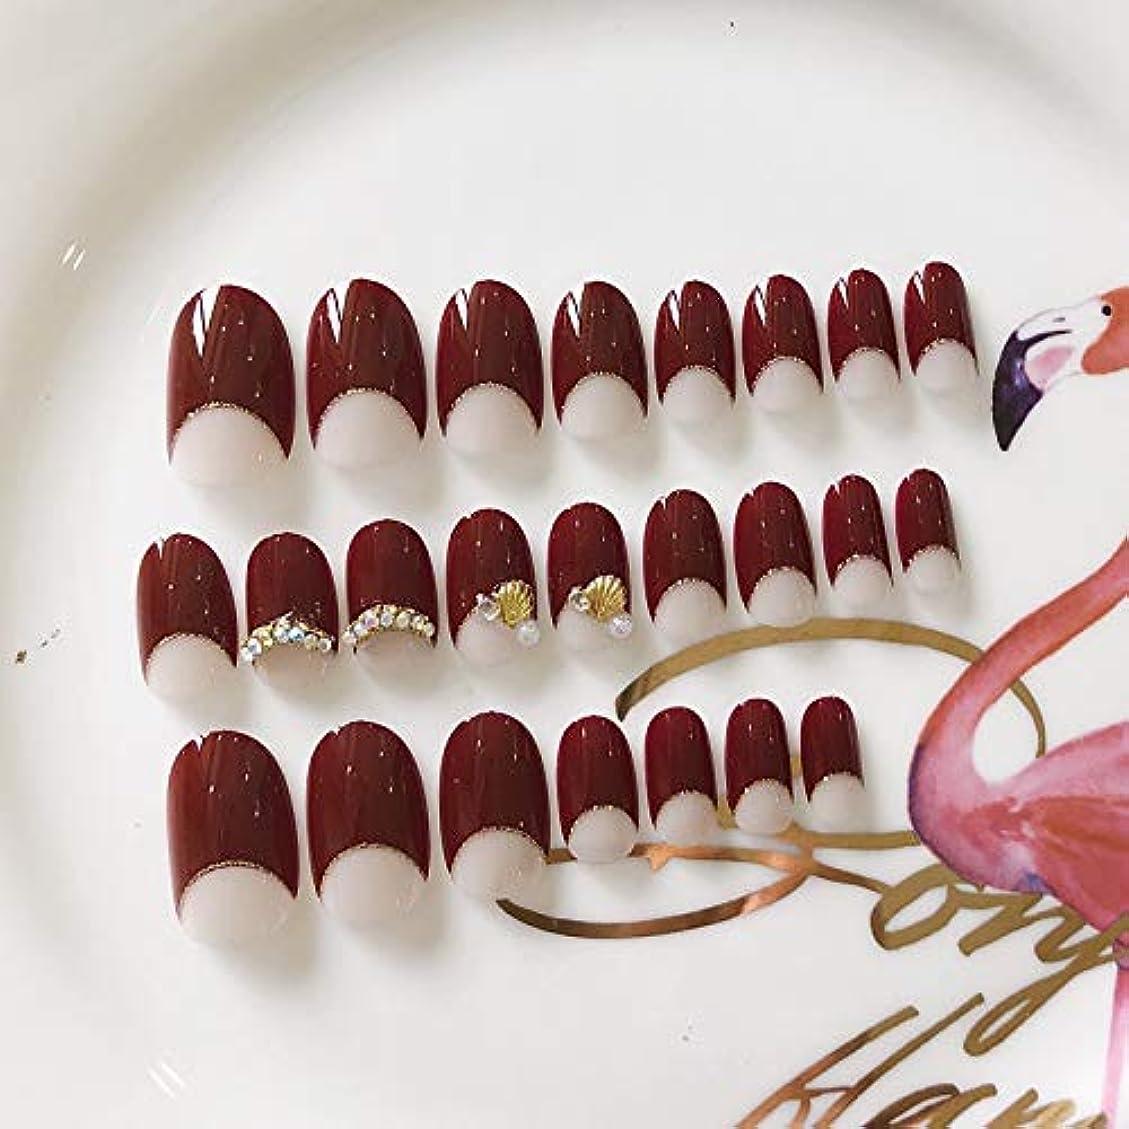 慣れている証拠マキシムJonathan ハンドケア 偽爪キット24pcs赤とパールエレガントタッチフレンチマニキュアフェイクネイルグルーフルカバーミディアムレングス